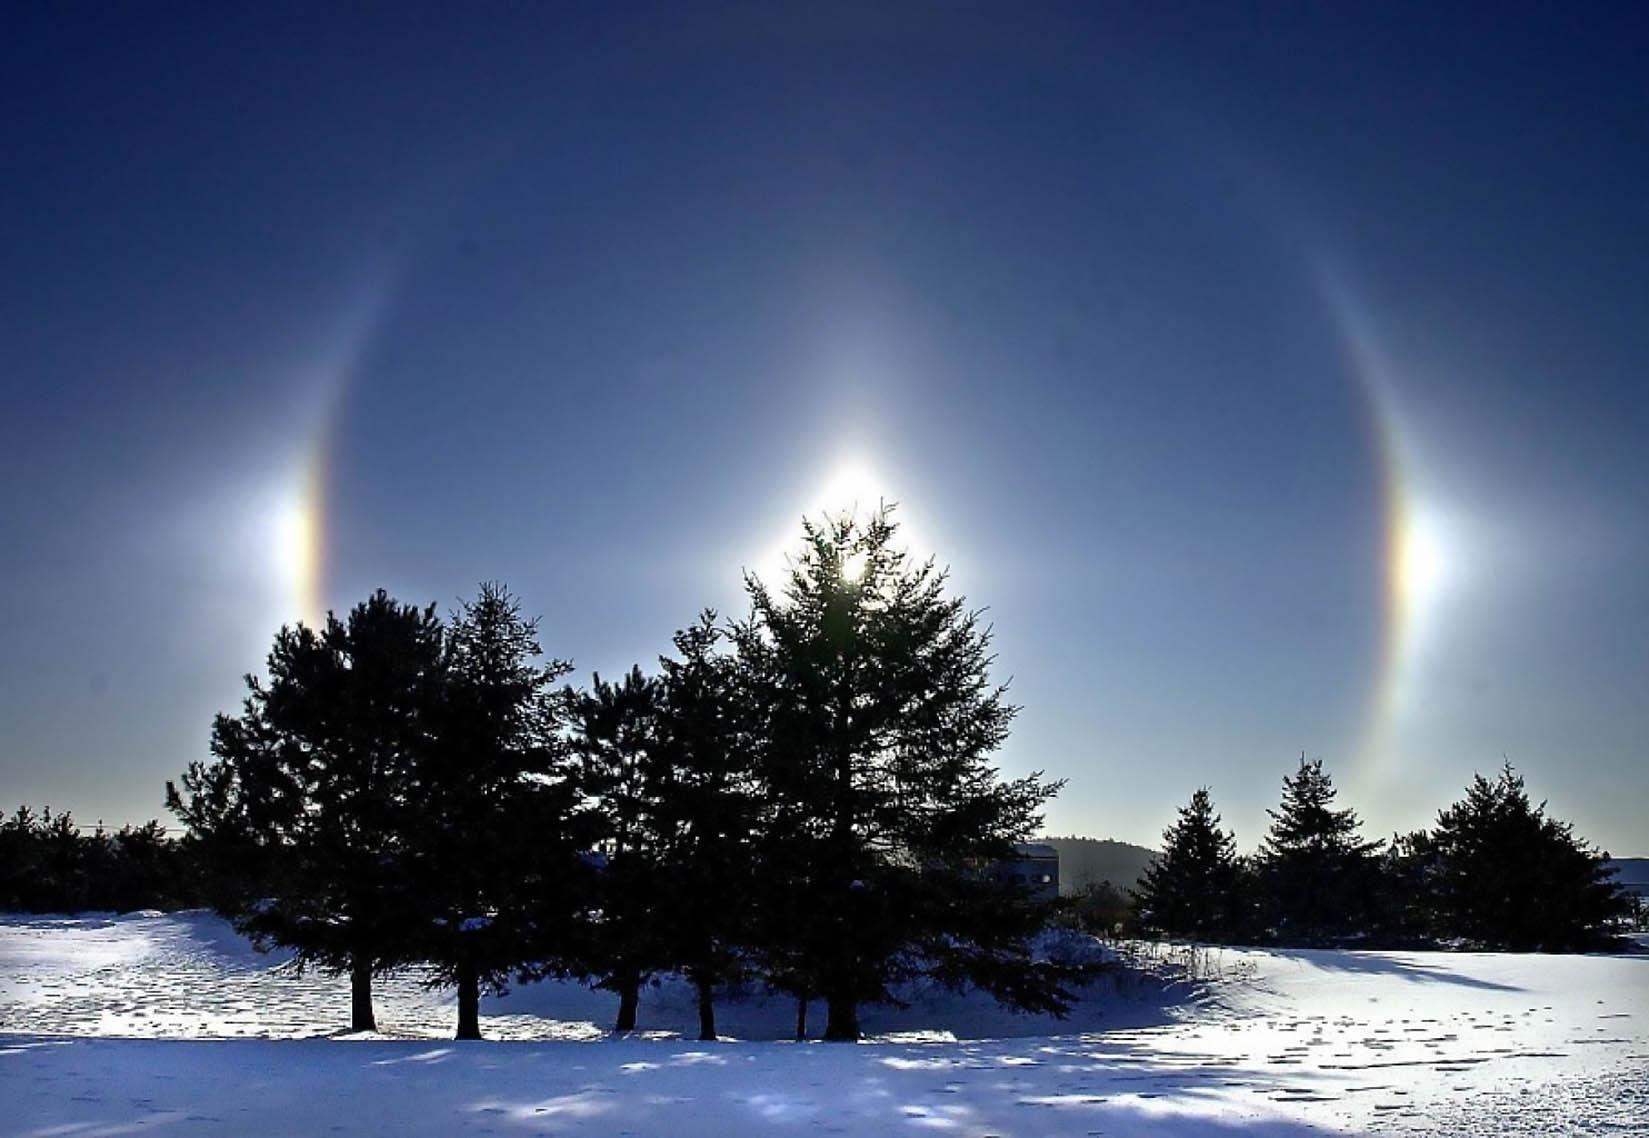 Феномен «Паргелий» или «Ложное солнце» в дизайне кольца Cartier Parhelia